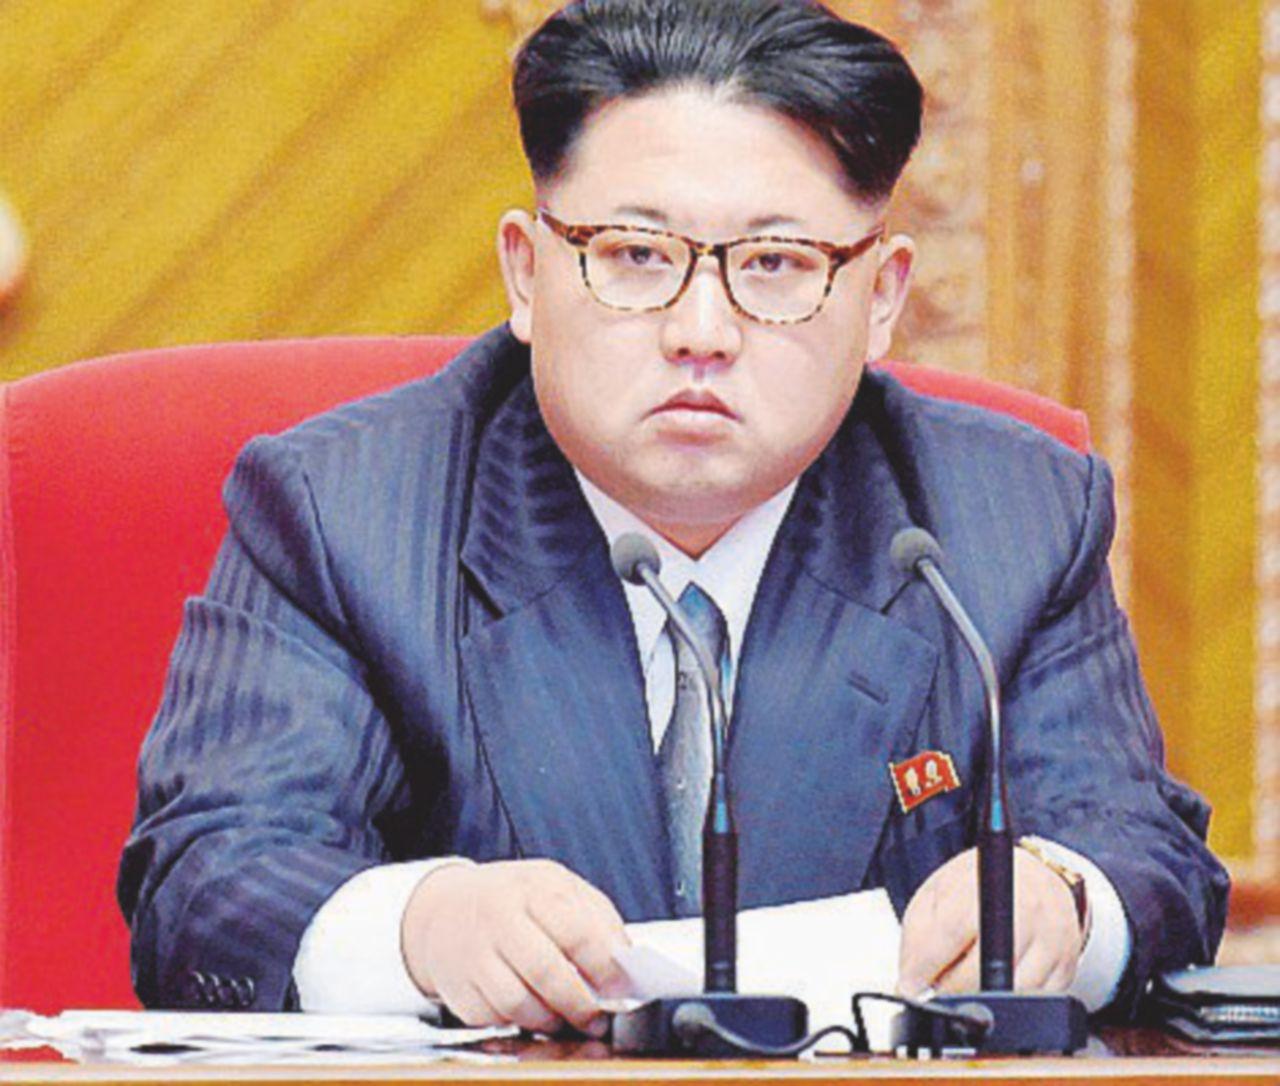 Stavolta l'Onu fa contenta la Casa Bianca: super-sanzioni contro il dittatore atomico Kim